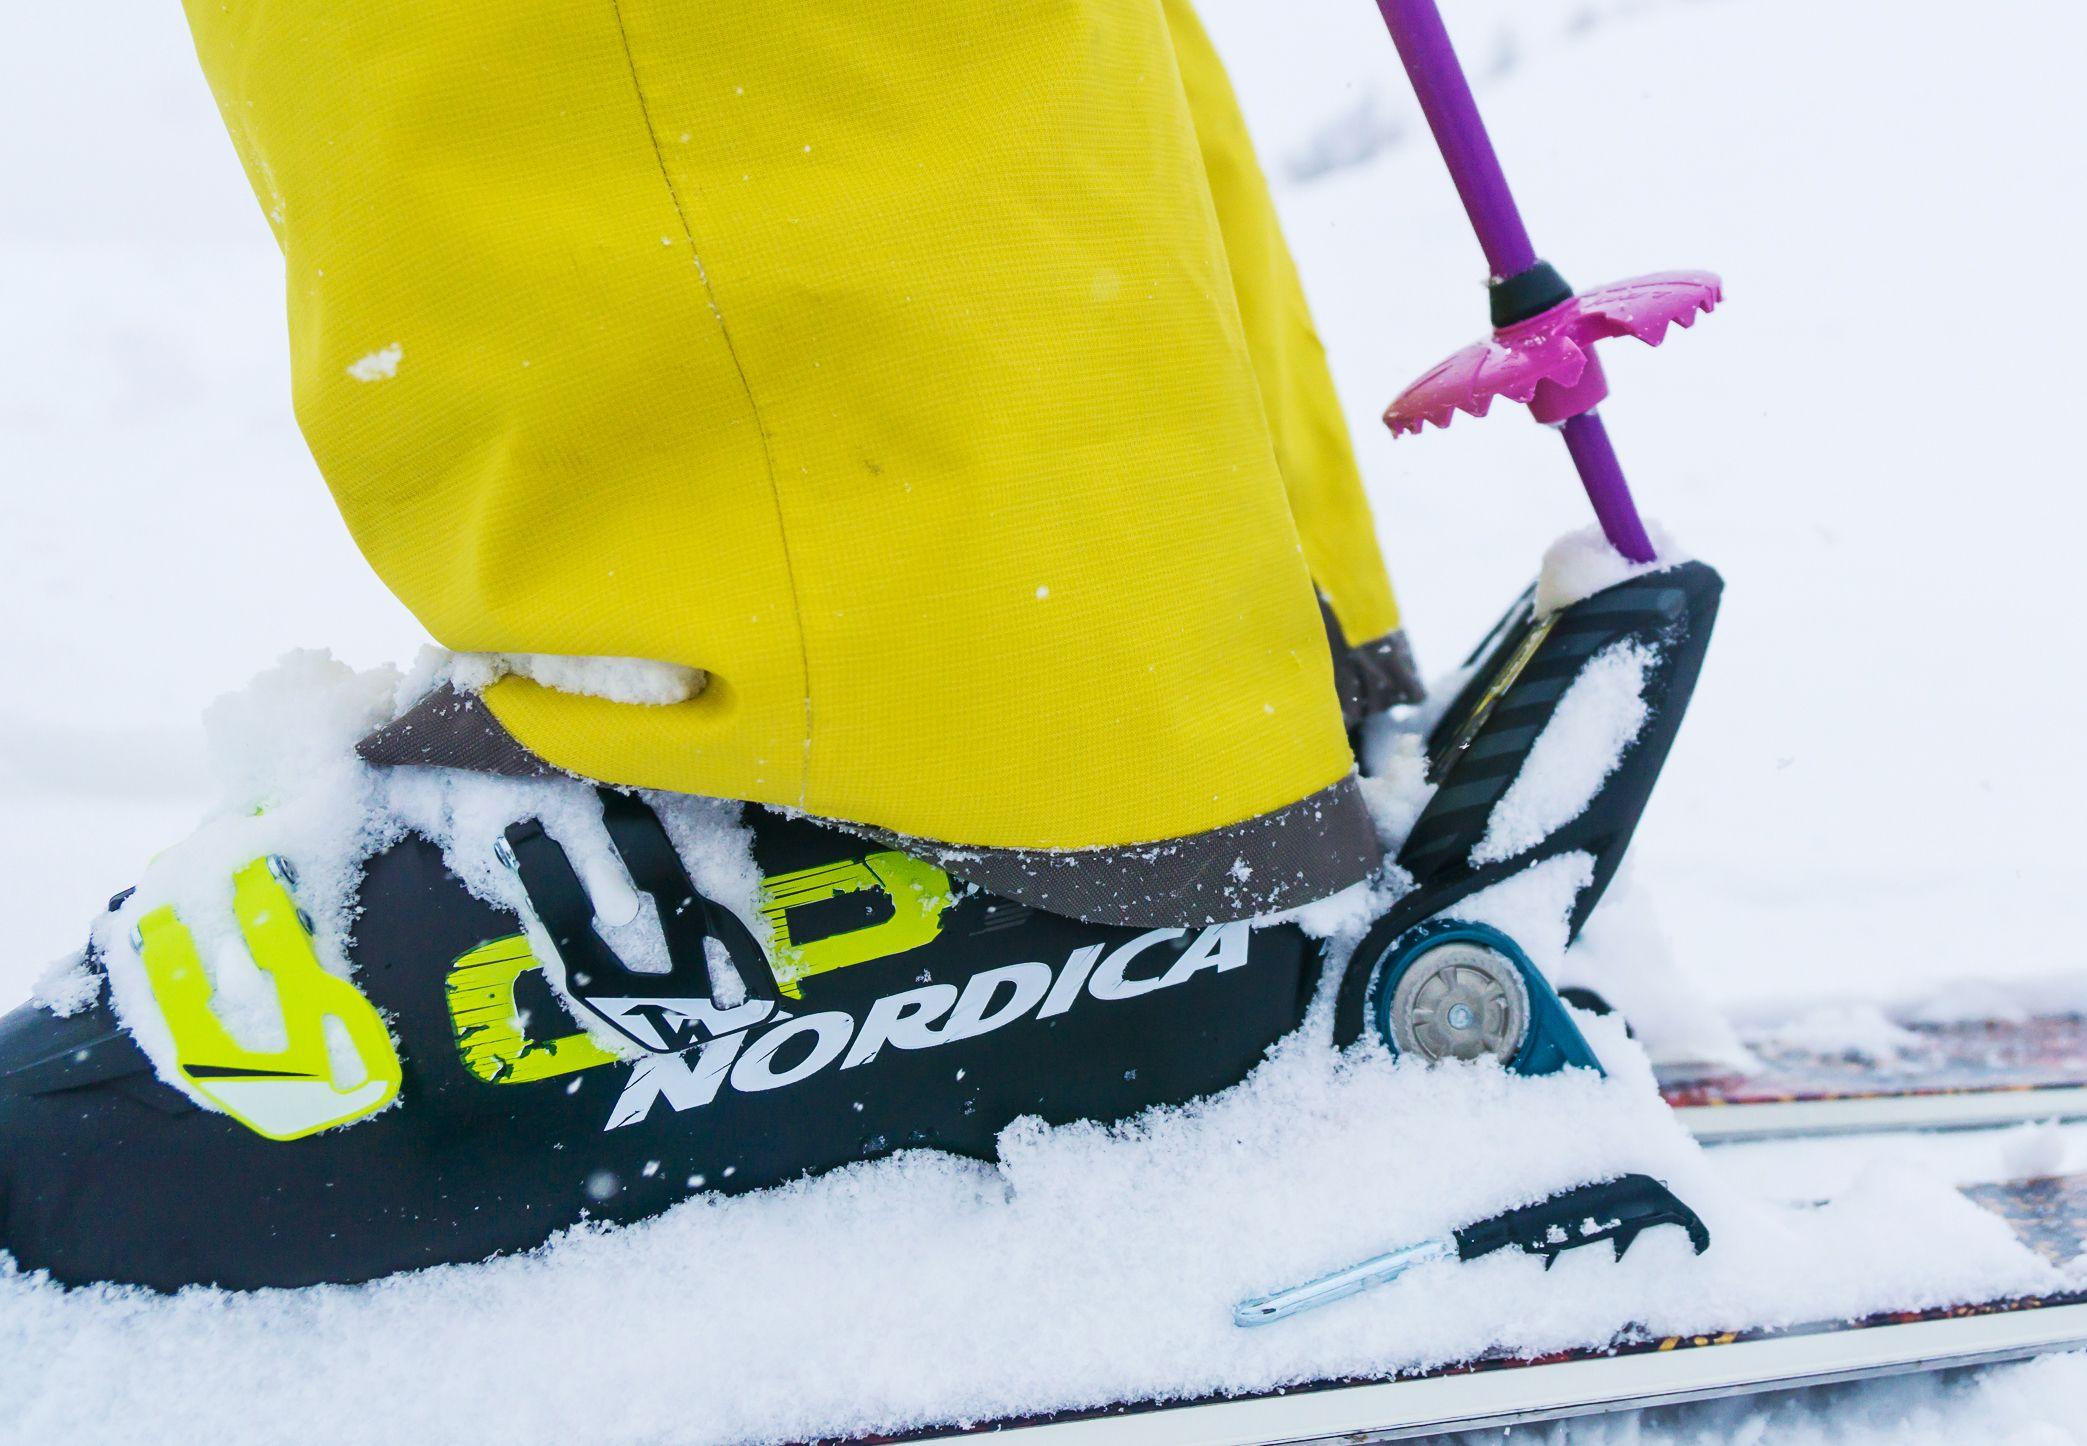 3f453fd8f44 Skischoenen zijn voor veel mensen niet hun favoriete uitrustingsstuk.  Logisch, de schoenen zijn lastig aan te trekken, ze lopen voor geen meter  en tot ...